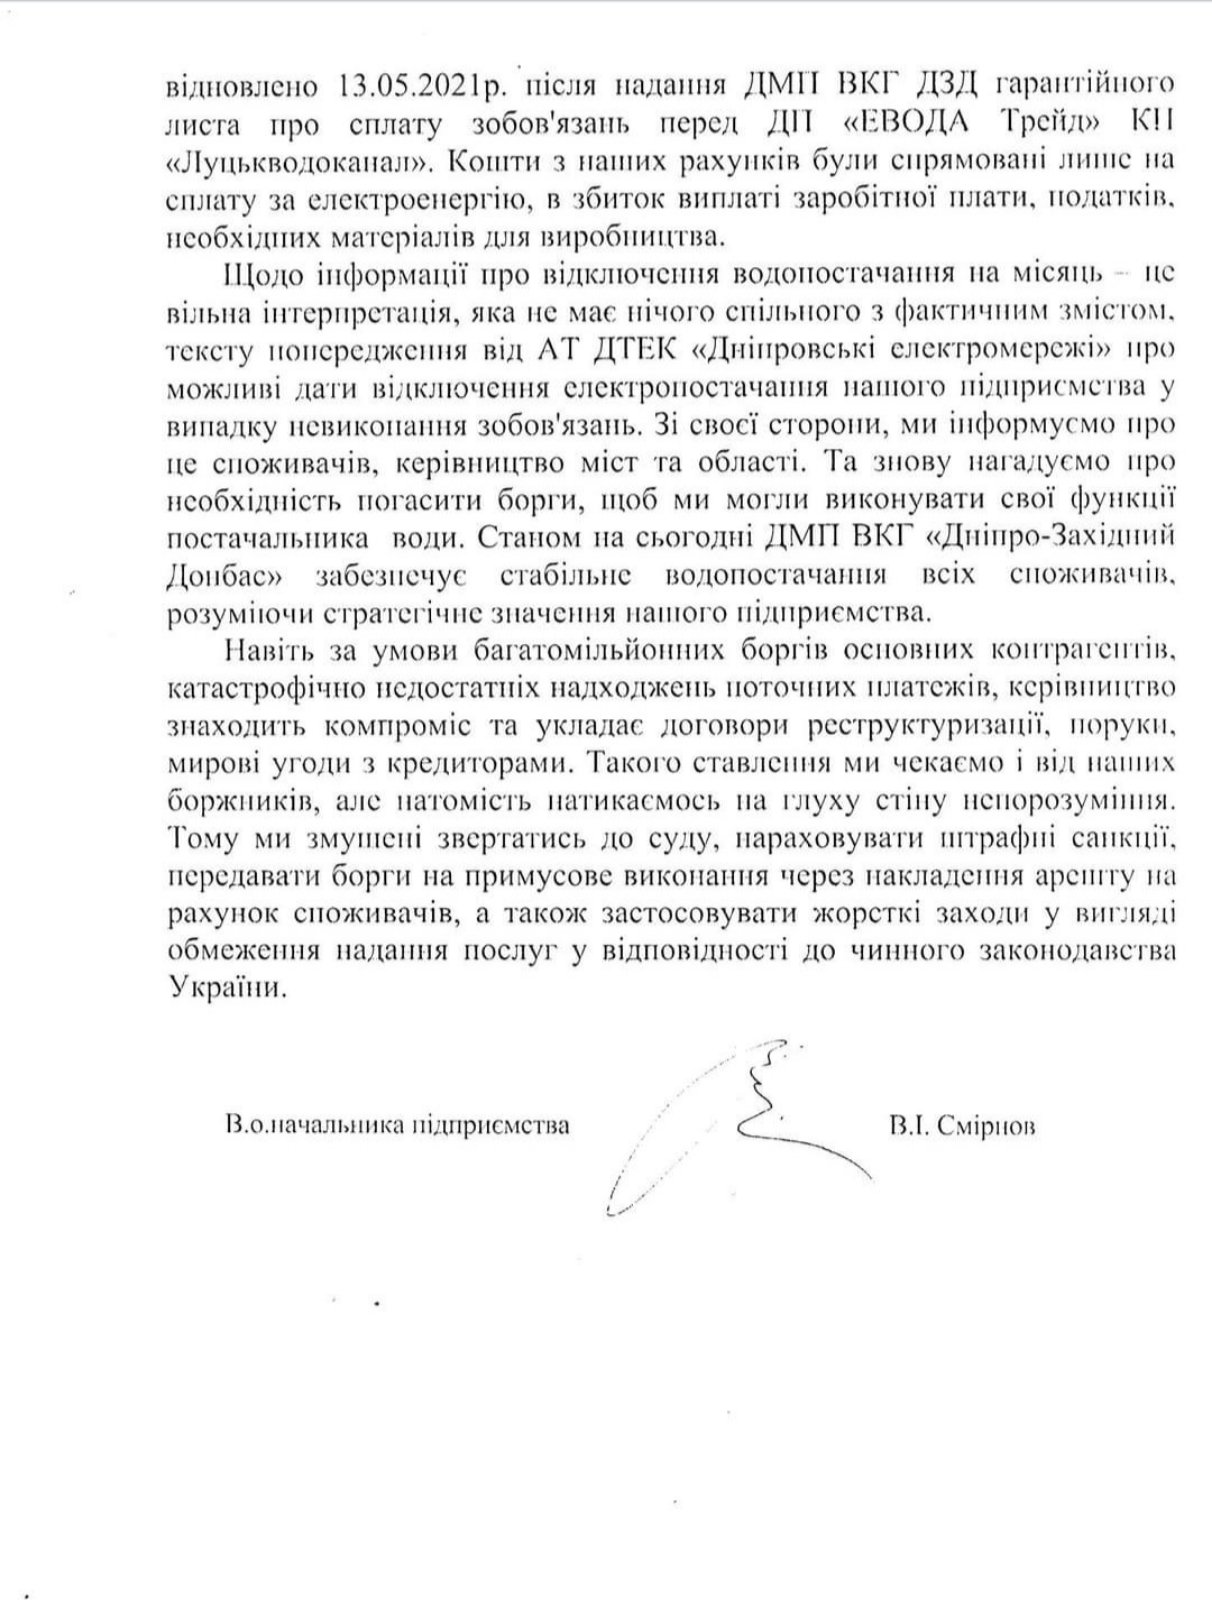 Население Западного Донбасса предупреждают: отключение воды неизбежно, как крах мирового империализма